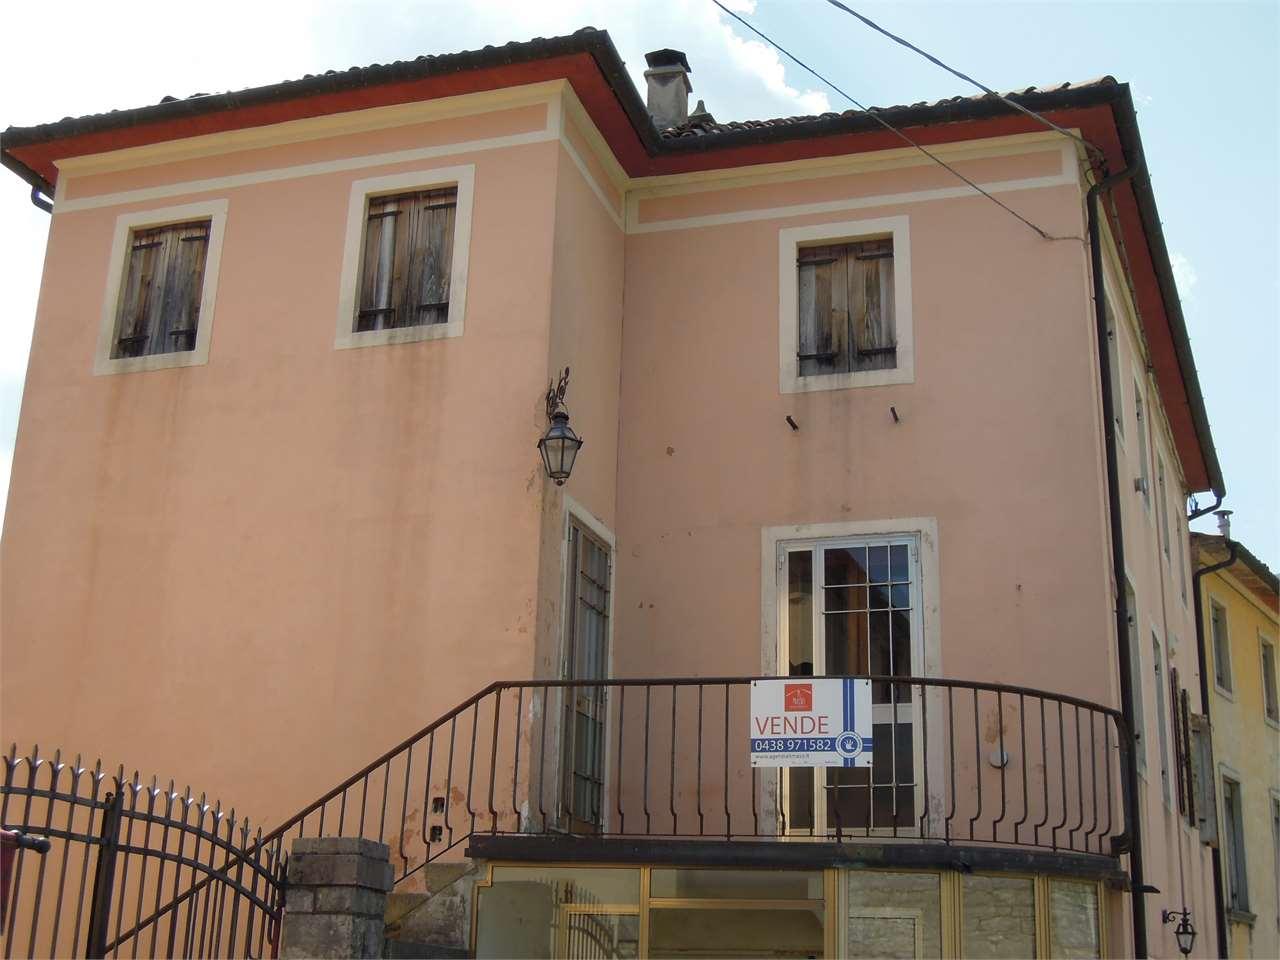 Appartamento in vendita a Cison di Valmarino, 7 locali, prezzo € 67.000 | CambioCasa.it